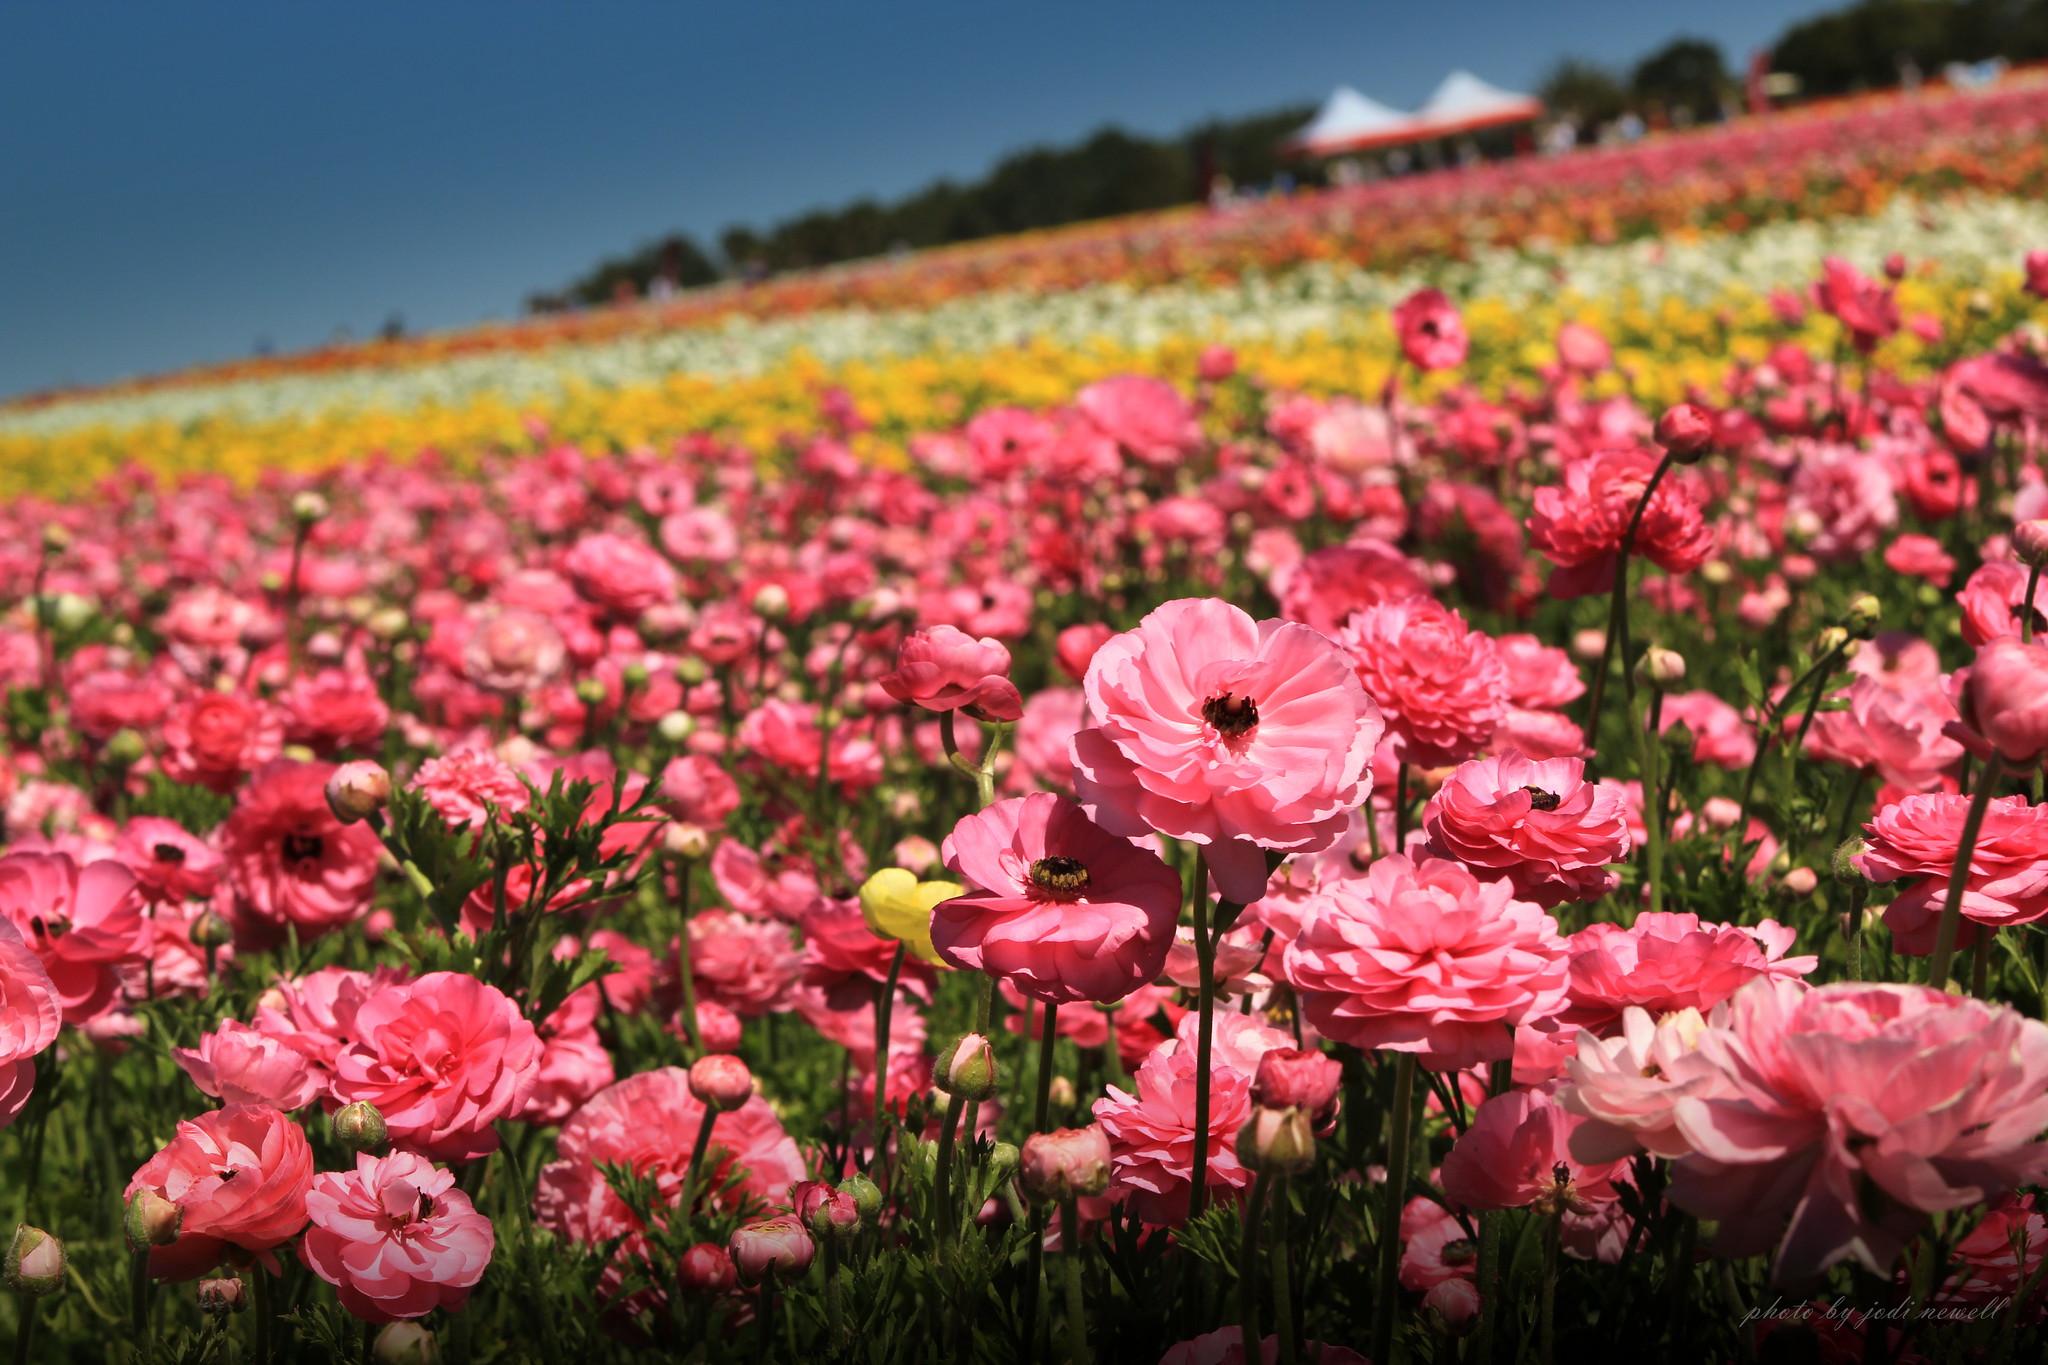 Thousands of Ranunculus